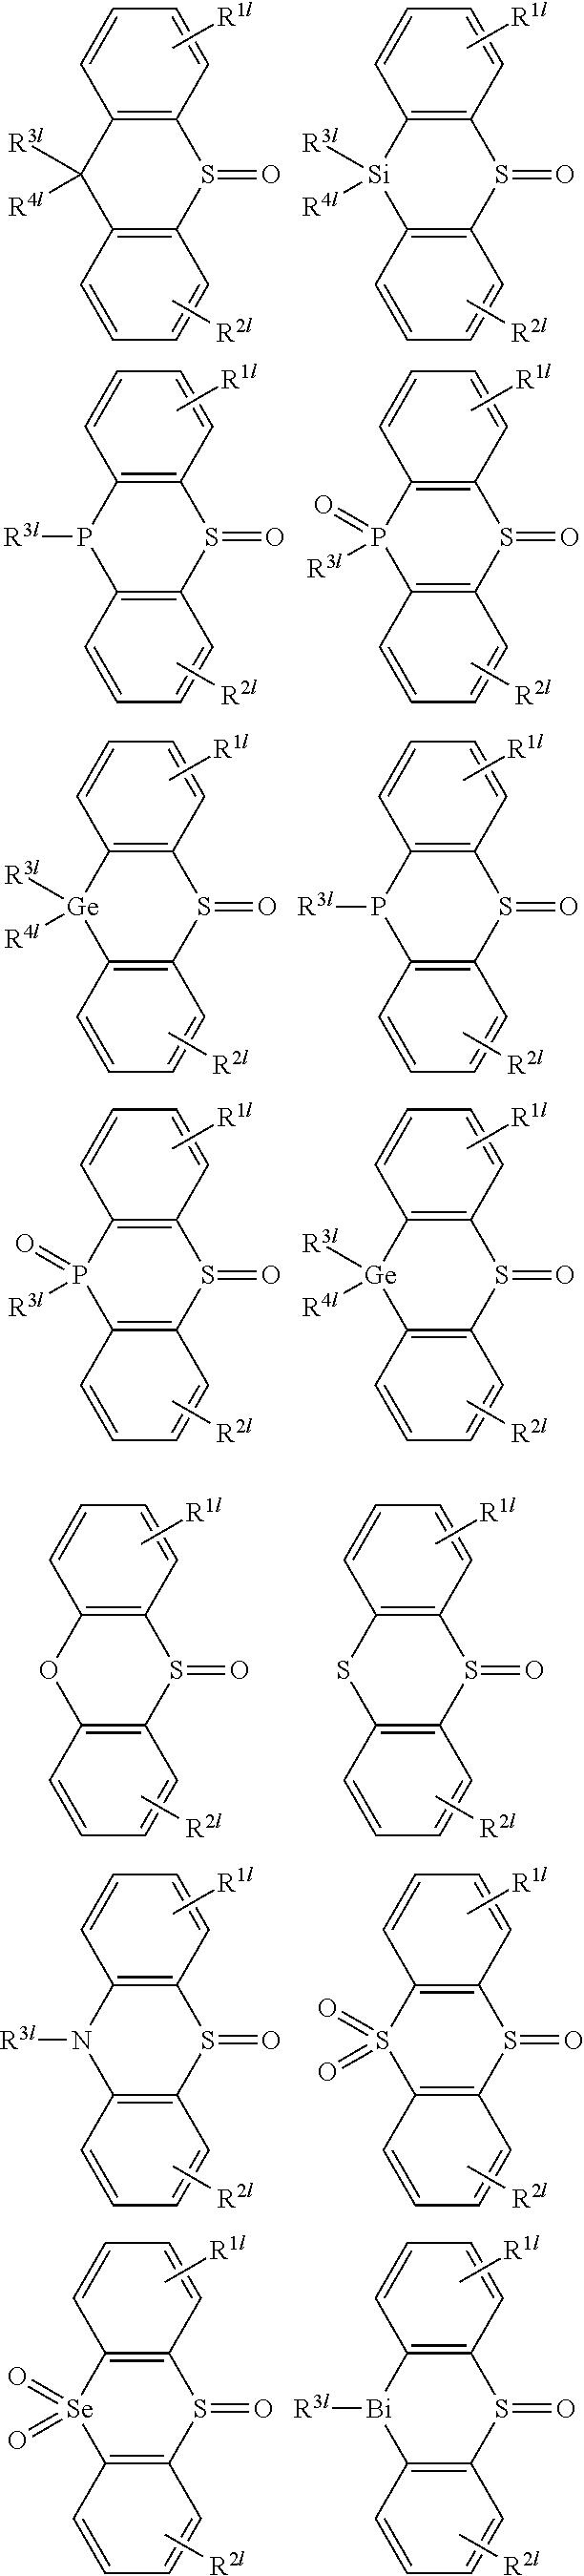 Figure US09818959-20171114-C00075